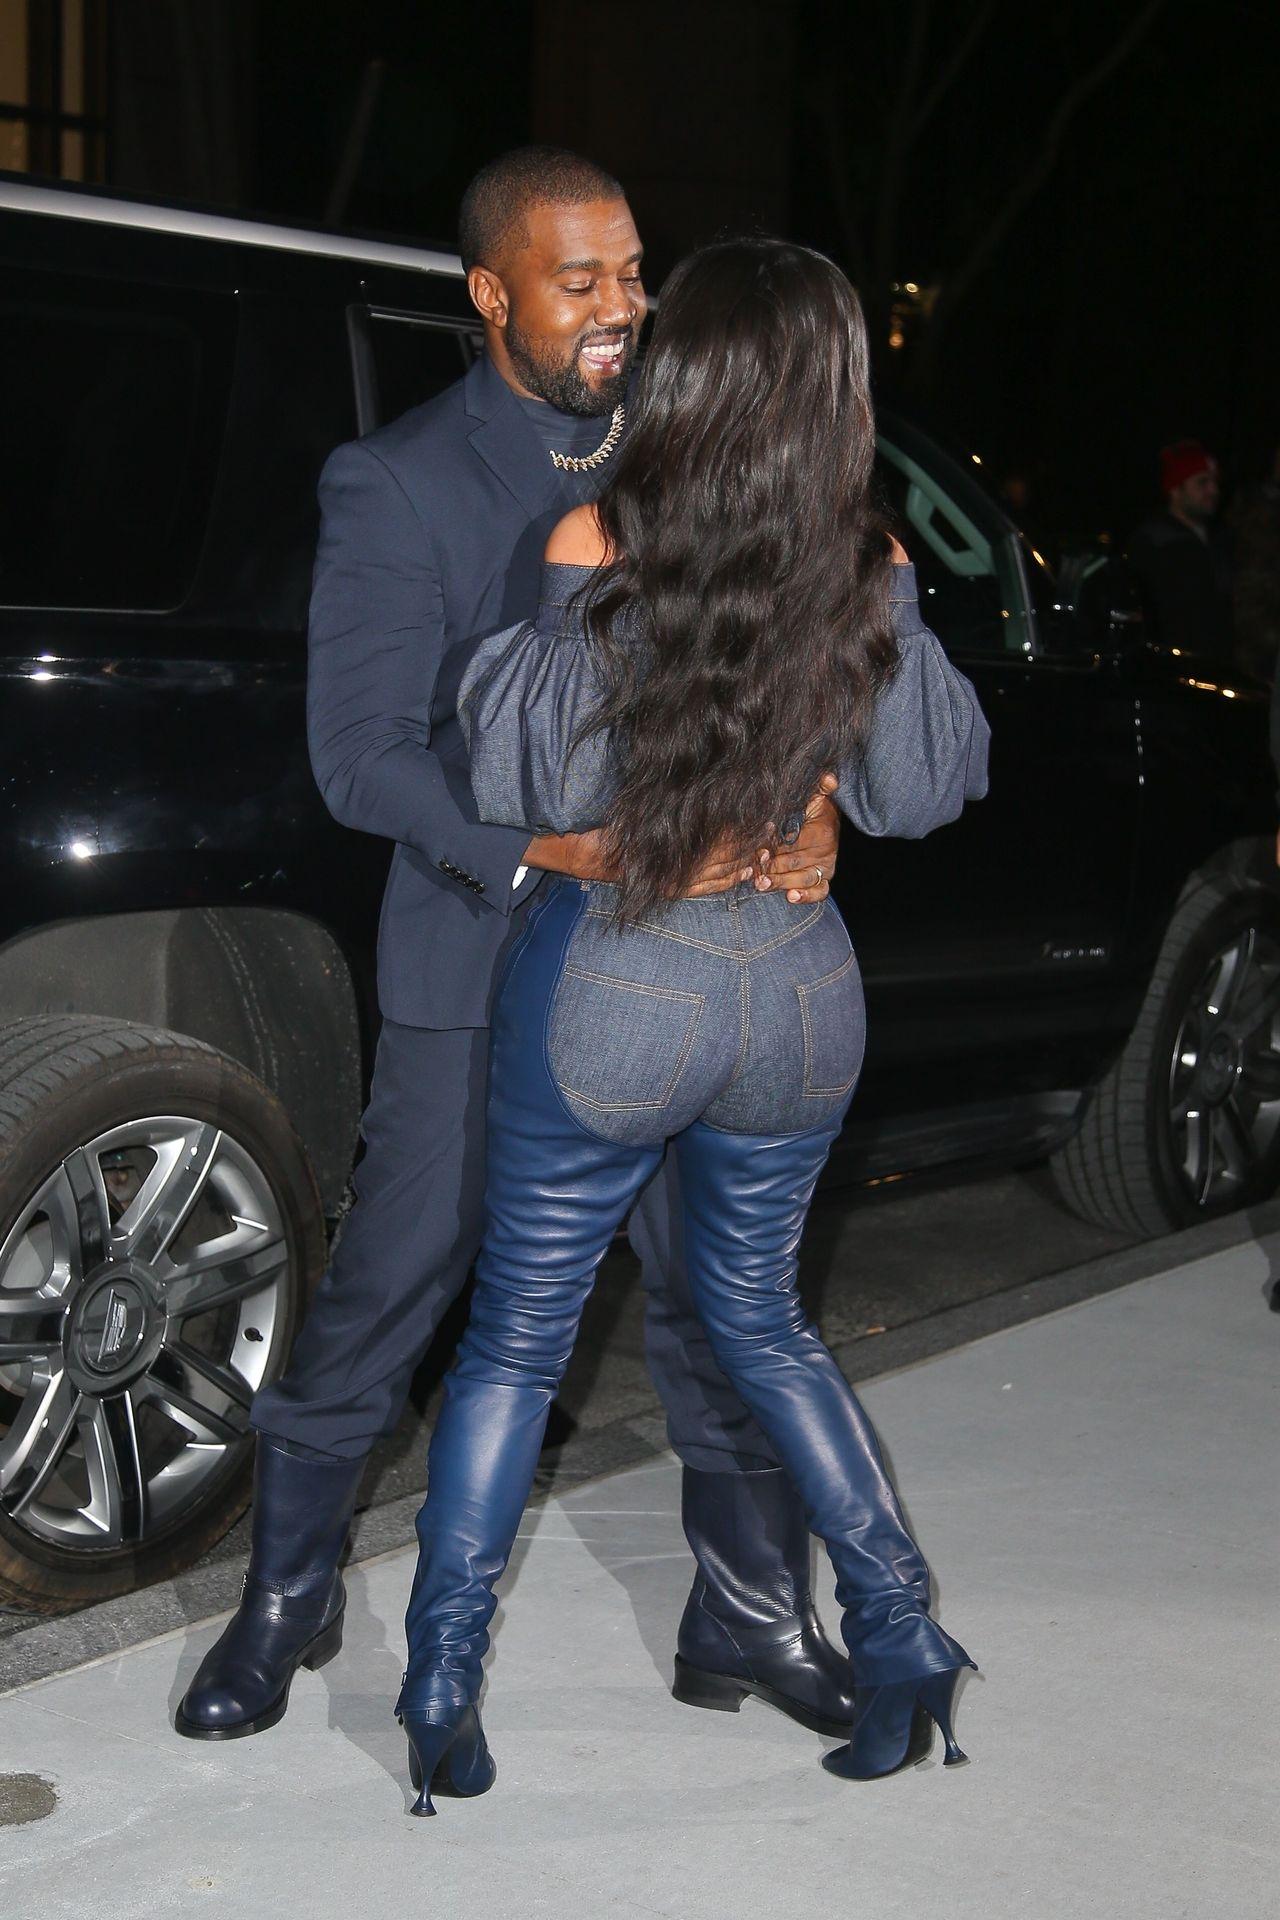 Kiedy Kim Kardashian założyła TO na siebie, Kanye West nie mógł oderwać od niej wzroku (I RĄK!) (ZDJĘCIA)